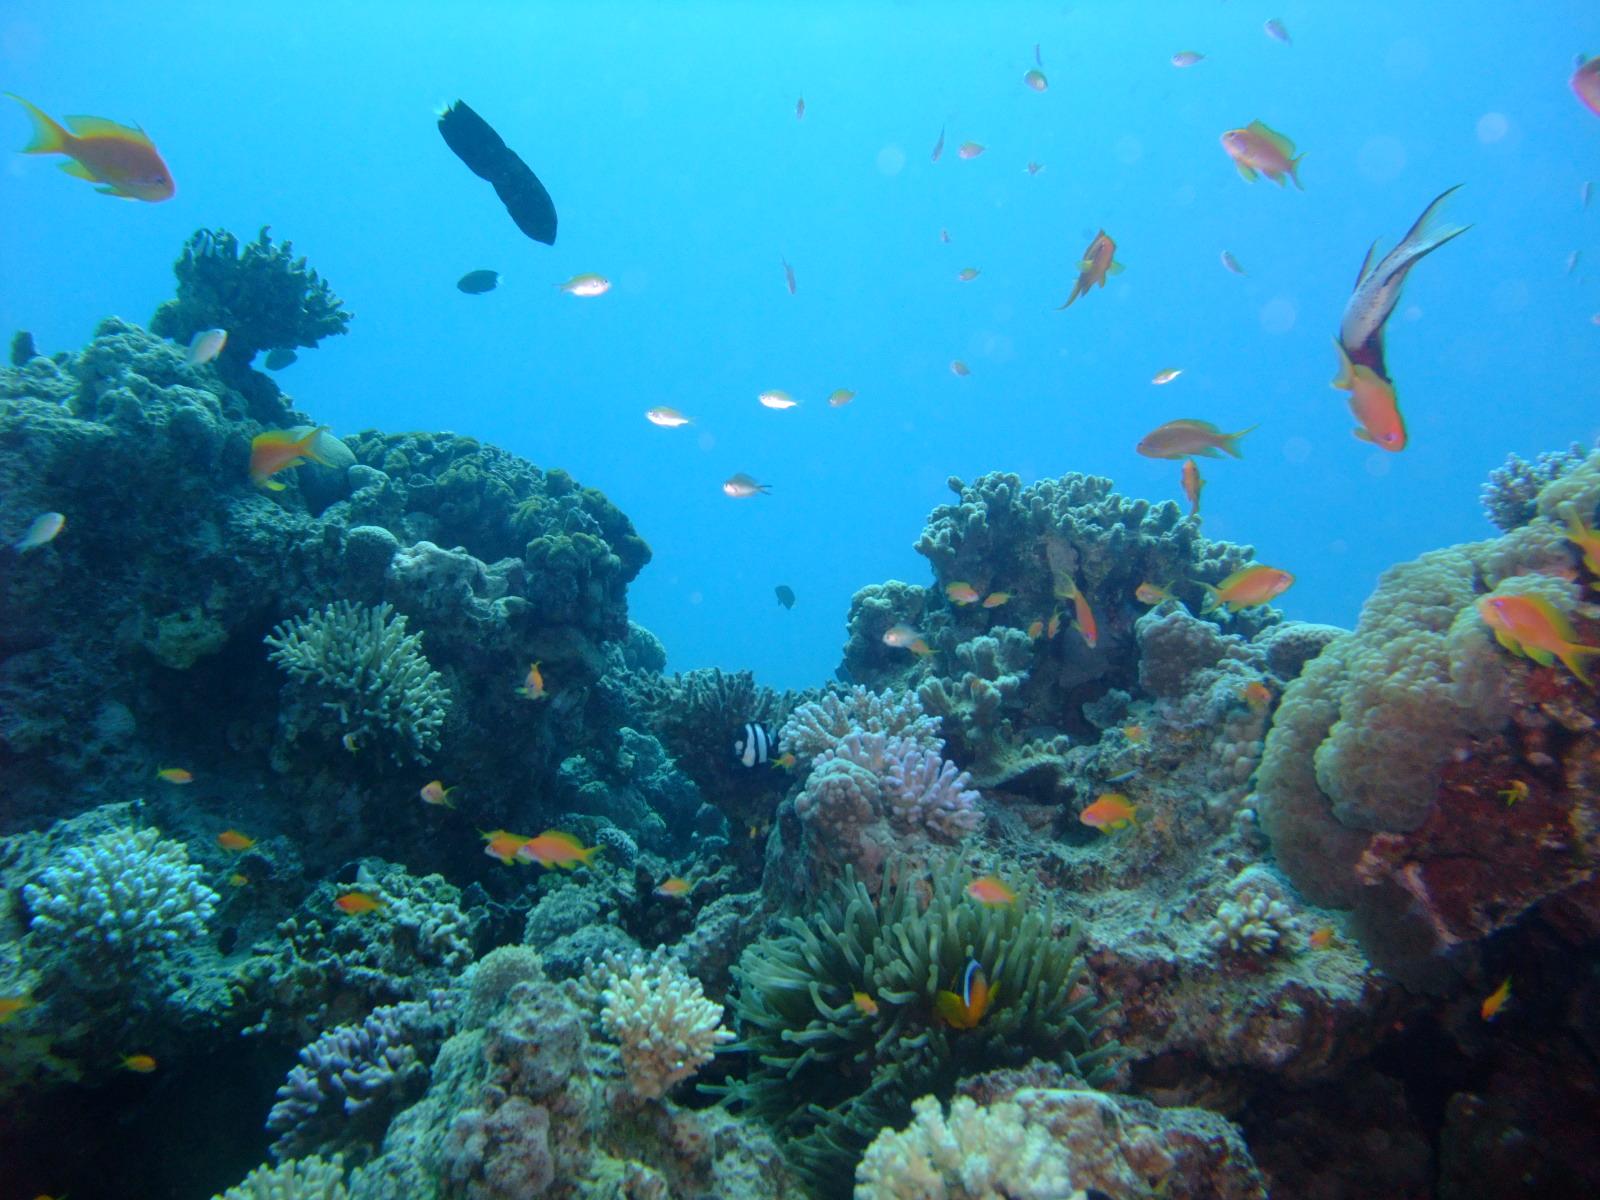 North pay aqaba dive sites dive in aqaba jordan red sea for Aqaba dive